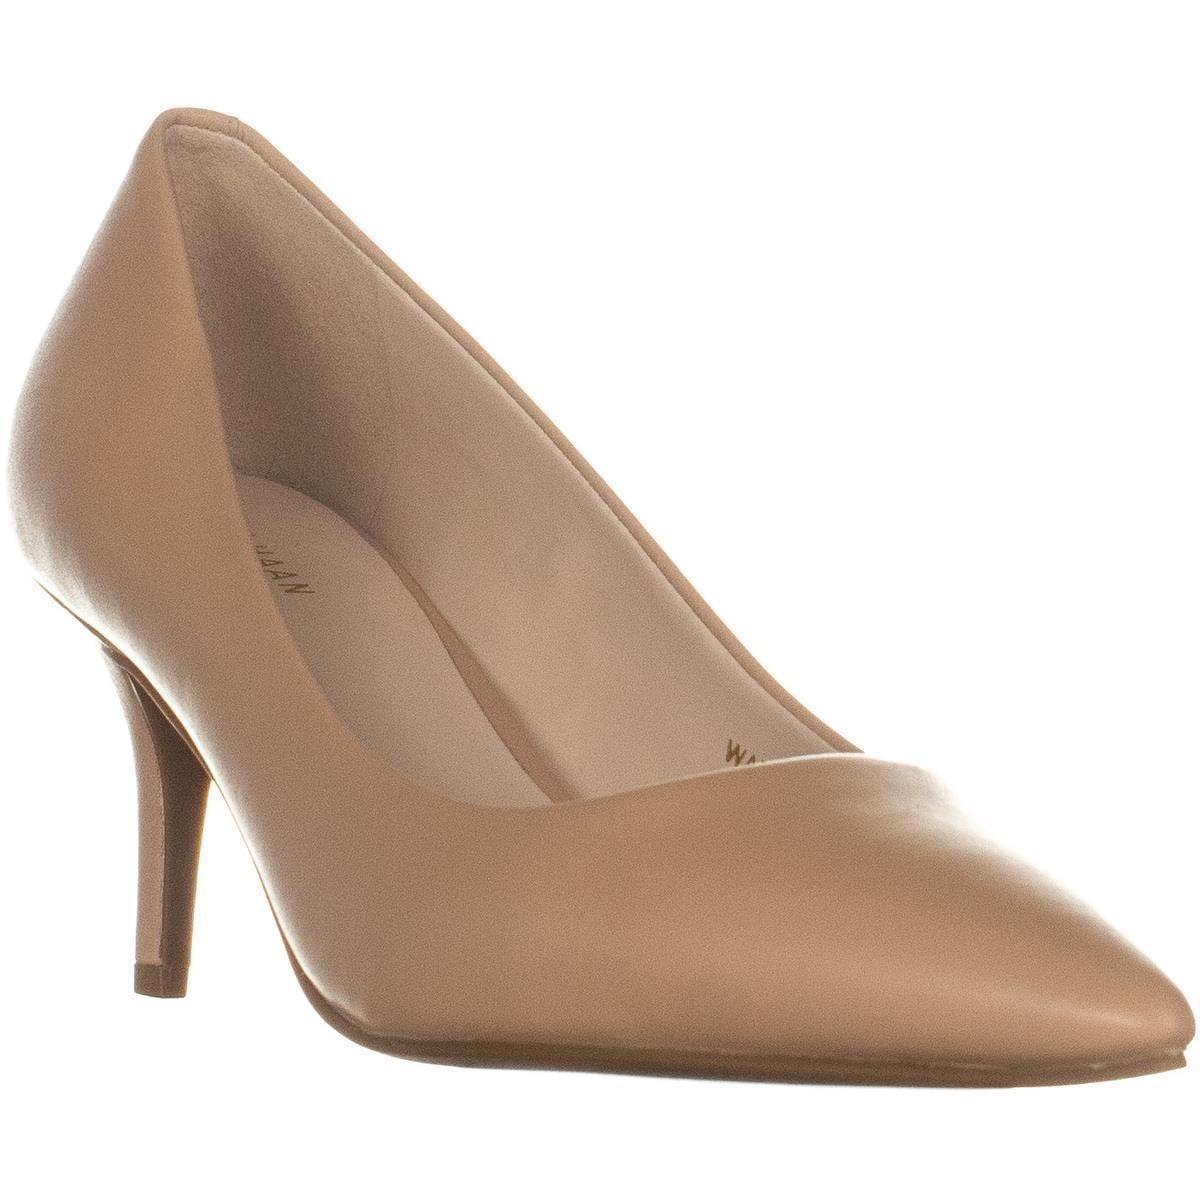 b26ff859361 Buy Cole Haan Women s Heels Online at Overstock